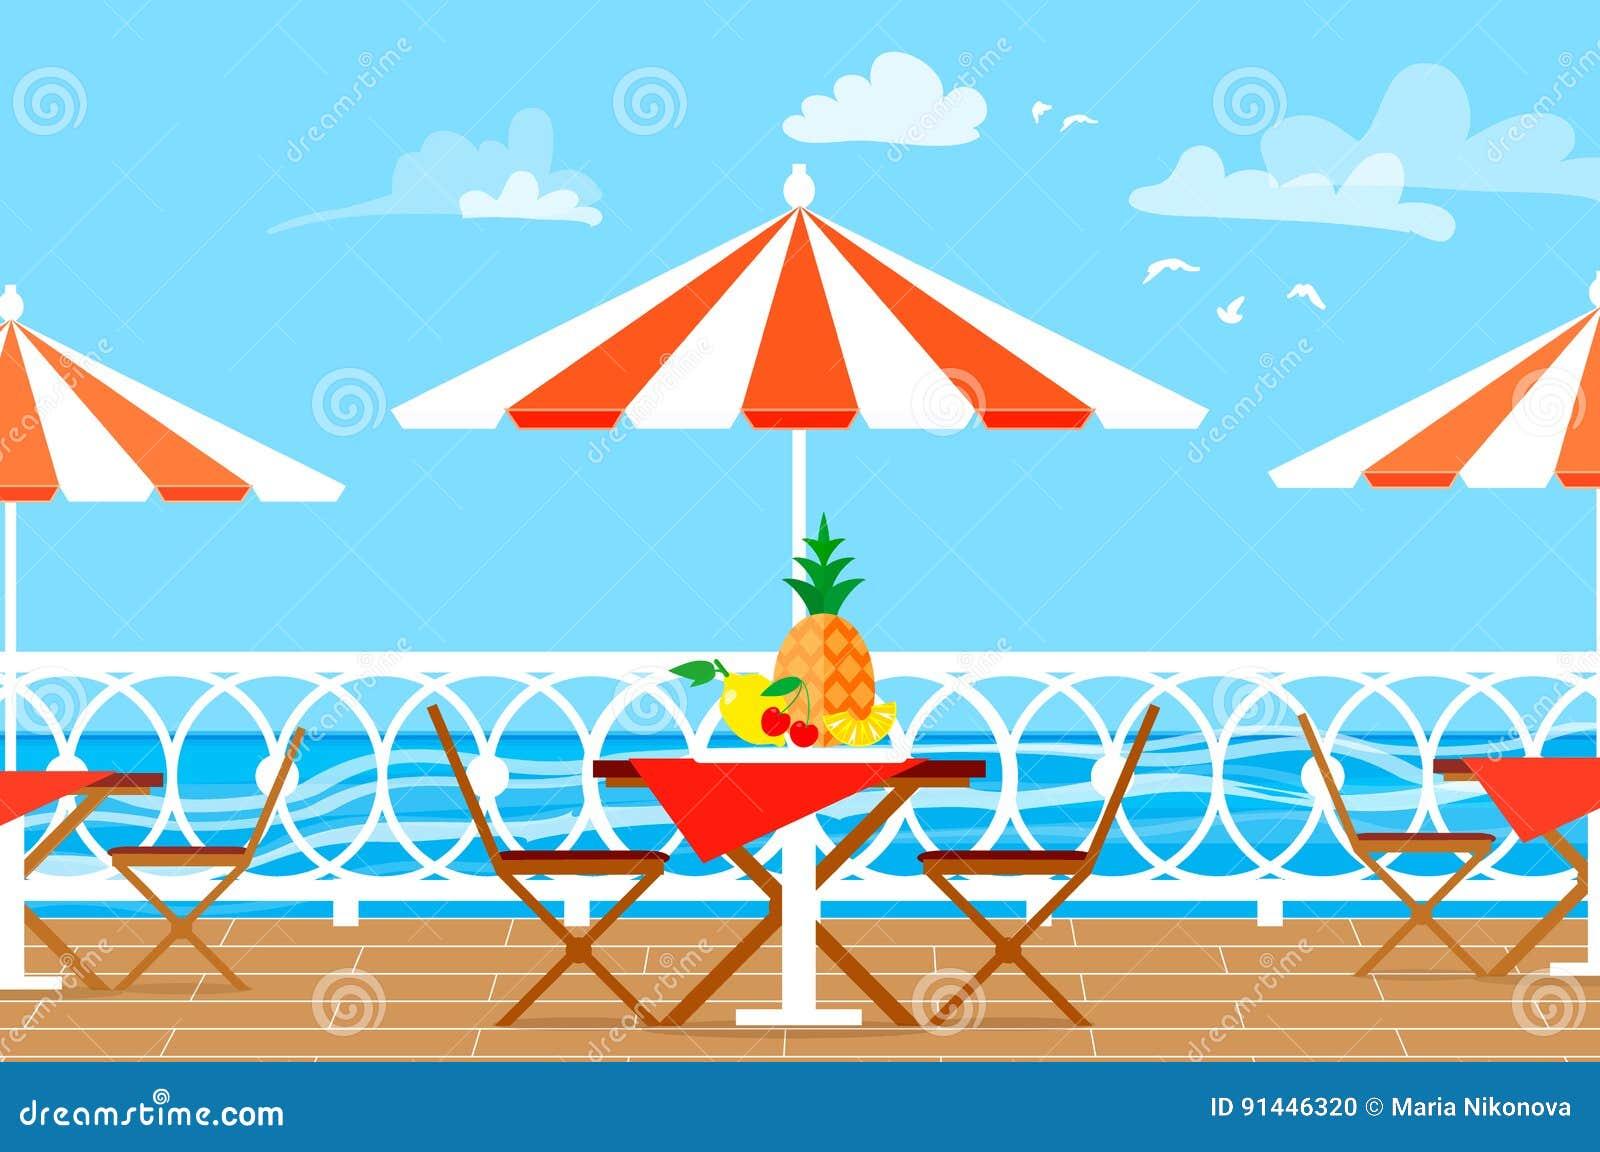 Restaurantpatio Picknick Stühle, Tabelle und Regenschirm auf Terrassenbalkon Eine Seebucht mit malerischen Bergen